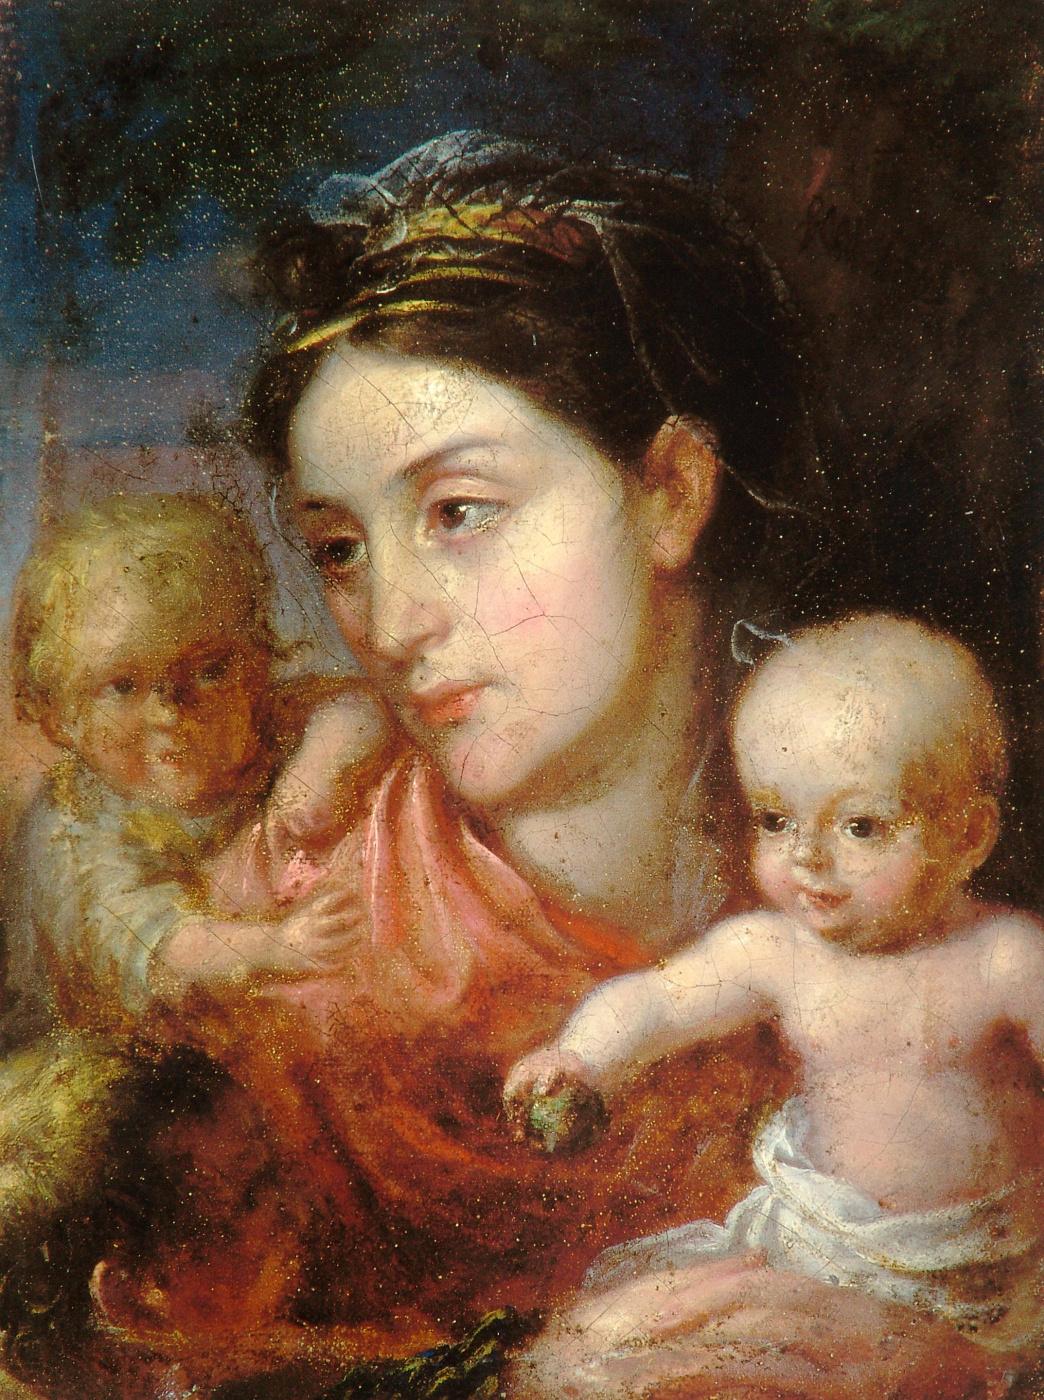 Valentine Mel'chiorovich Vankovich. Portrait of a wife with children